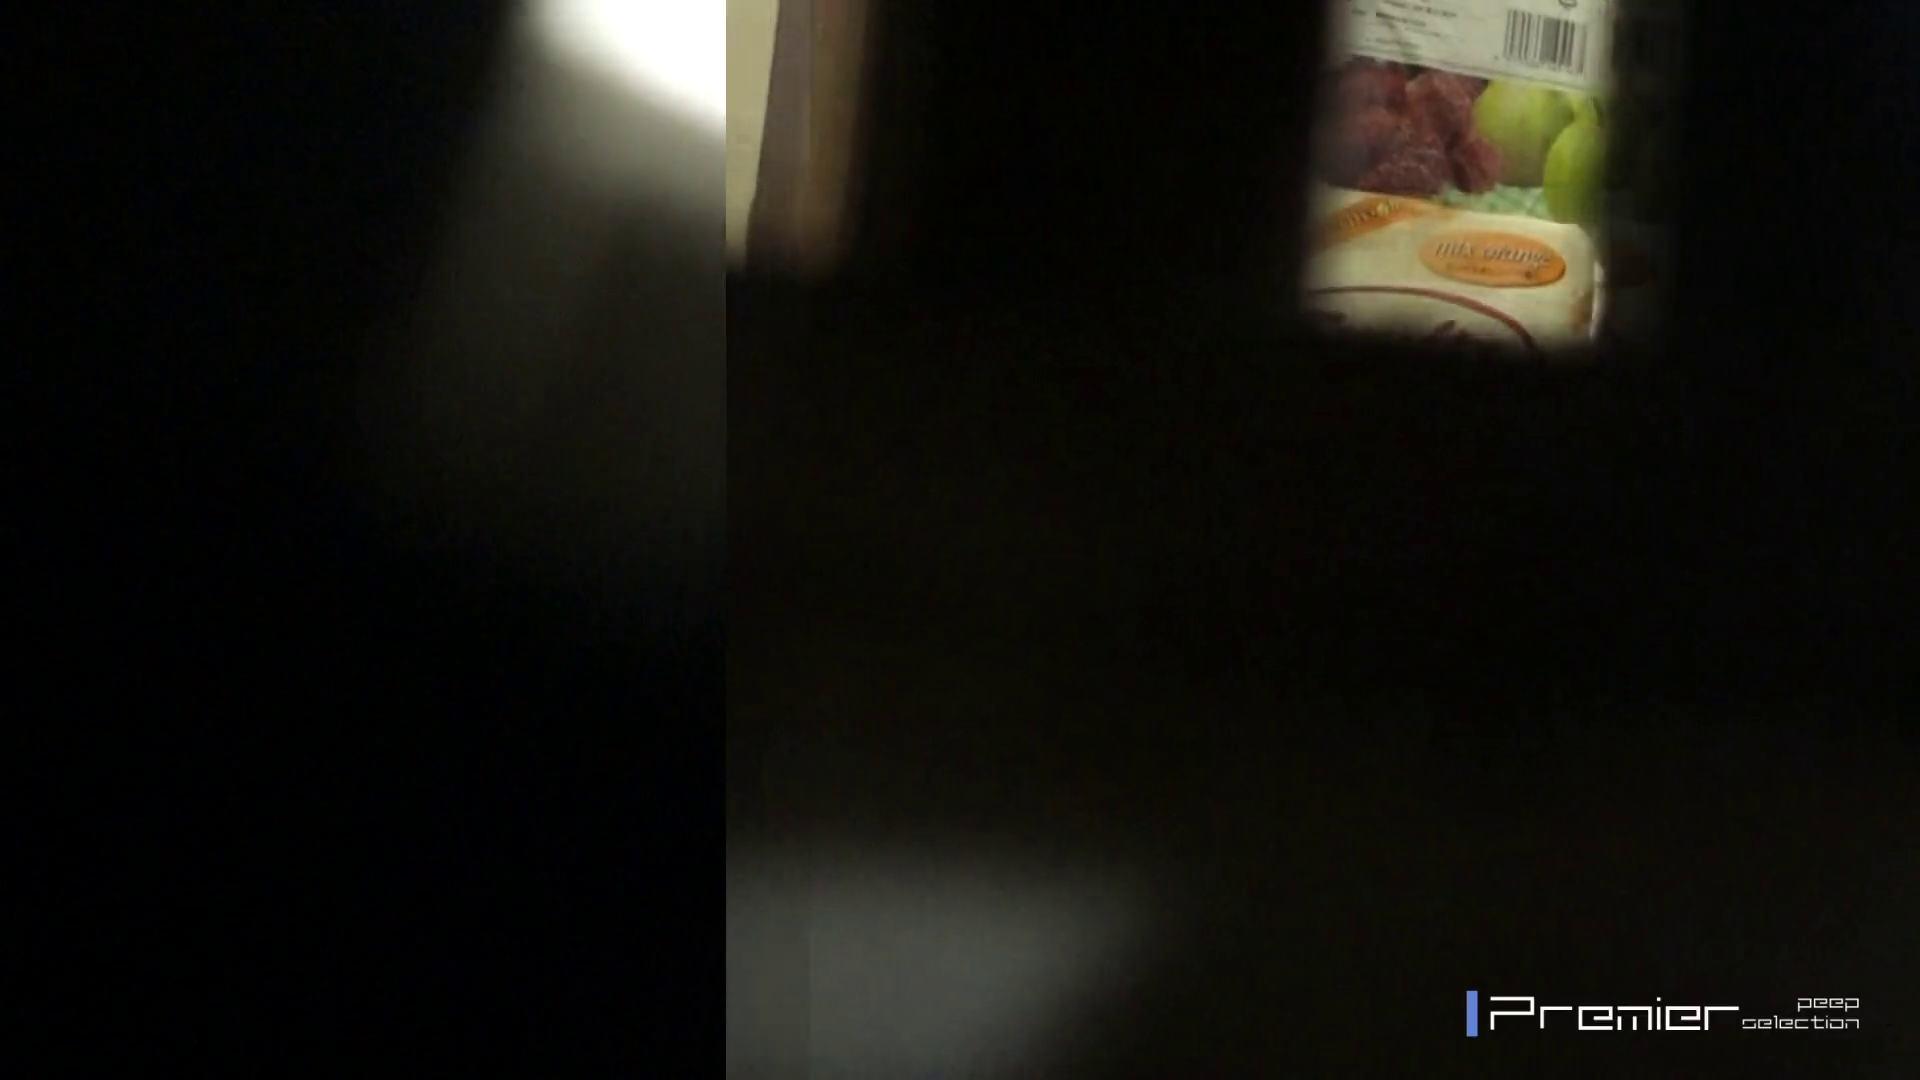 マニア必見!ポチャ達のカーニバル美女達の私生活に潜入! 桃色乳首 AV無料動画キャプチャ 88画像 41